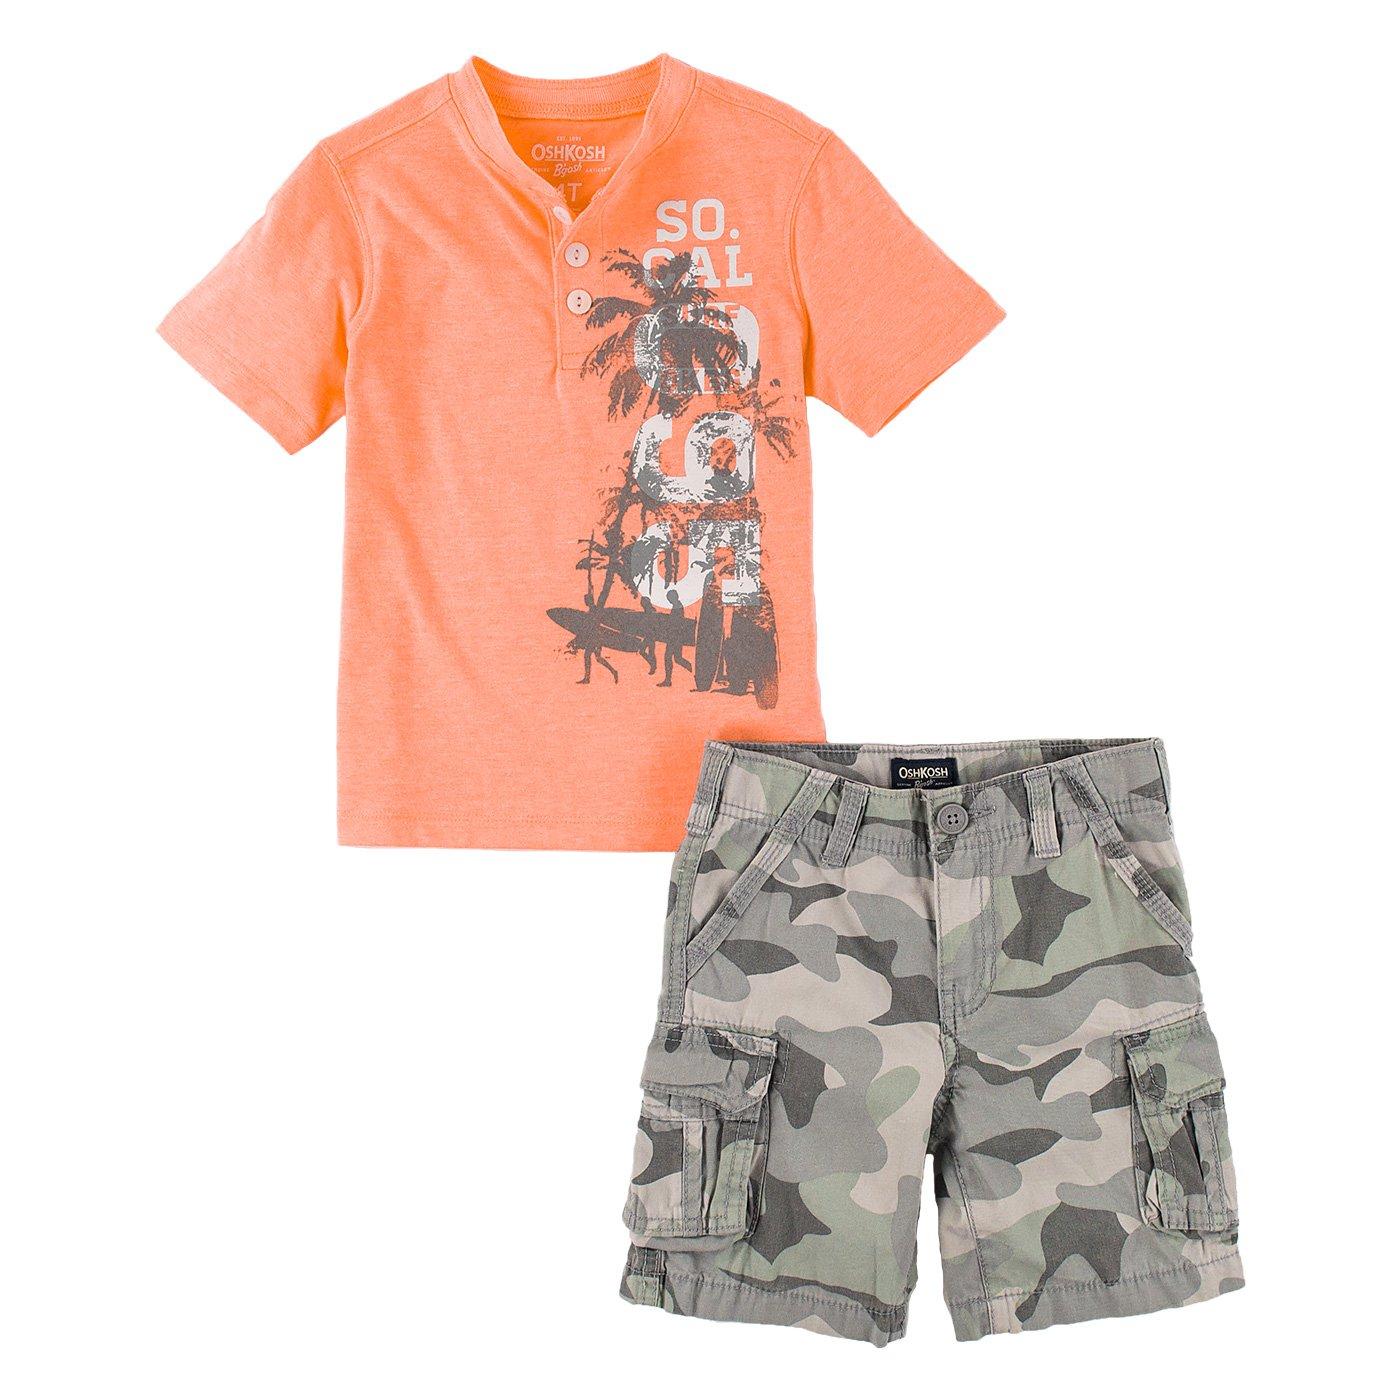 OshKosh Bgosh Little Boys 2-Piece Shorts Set